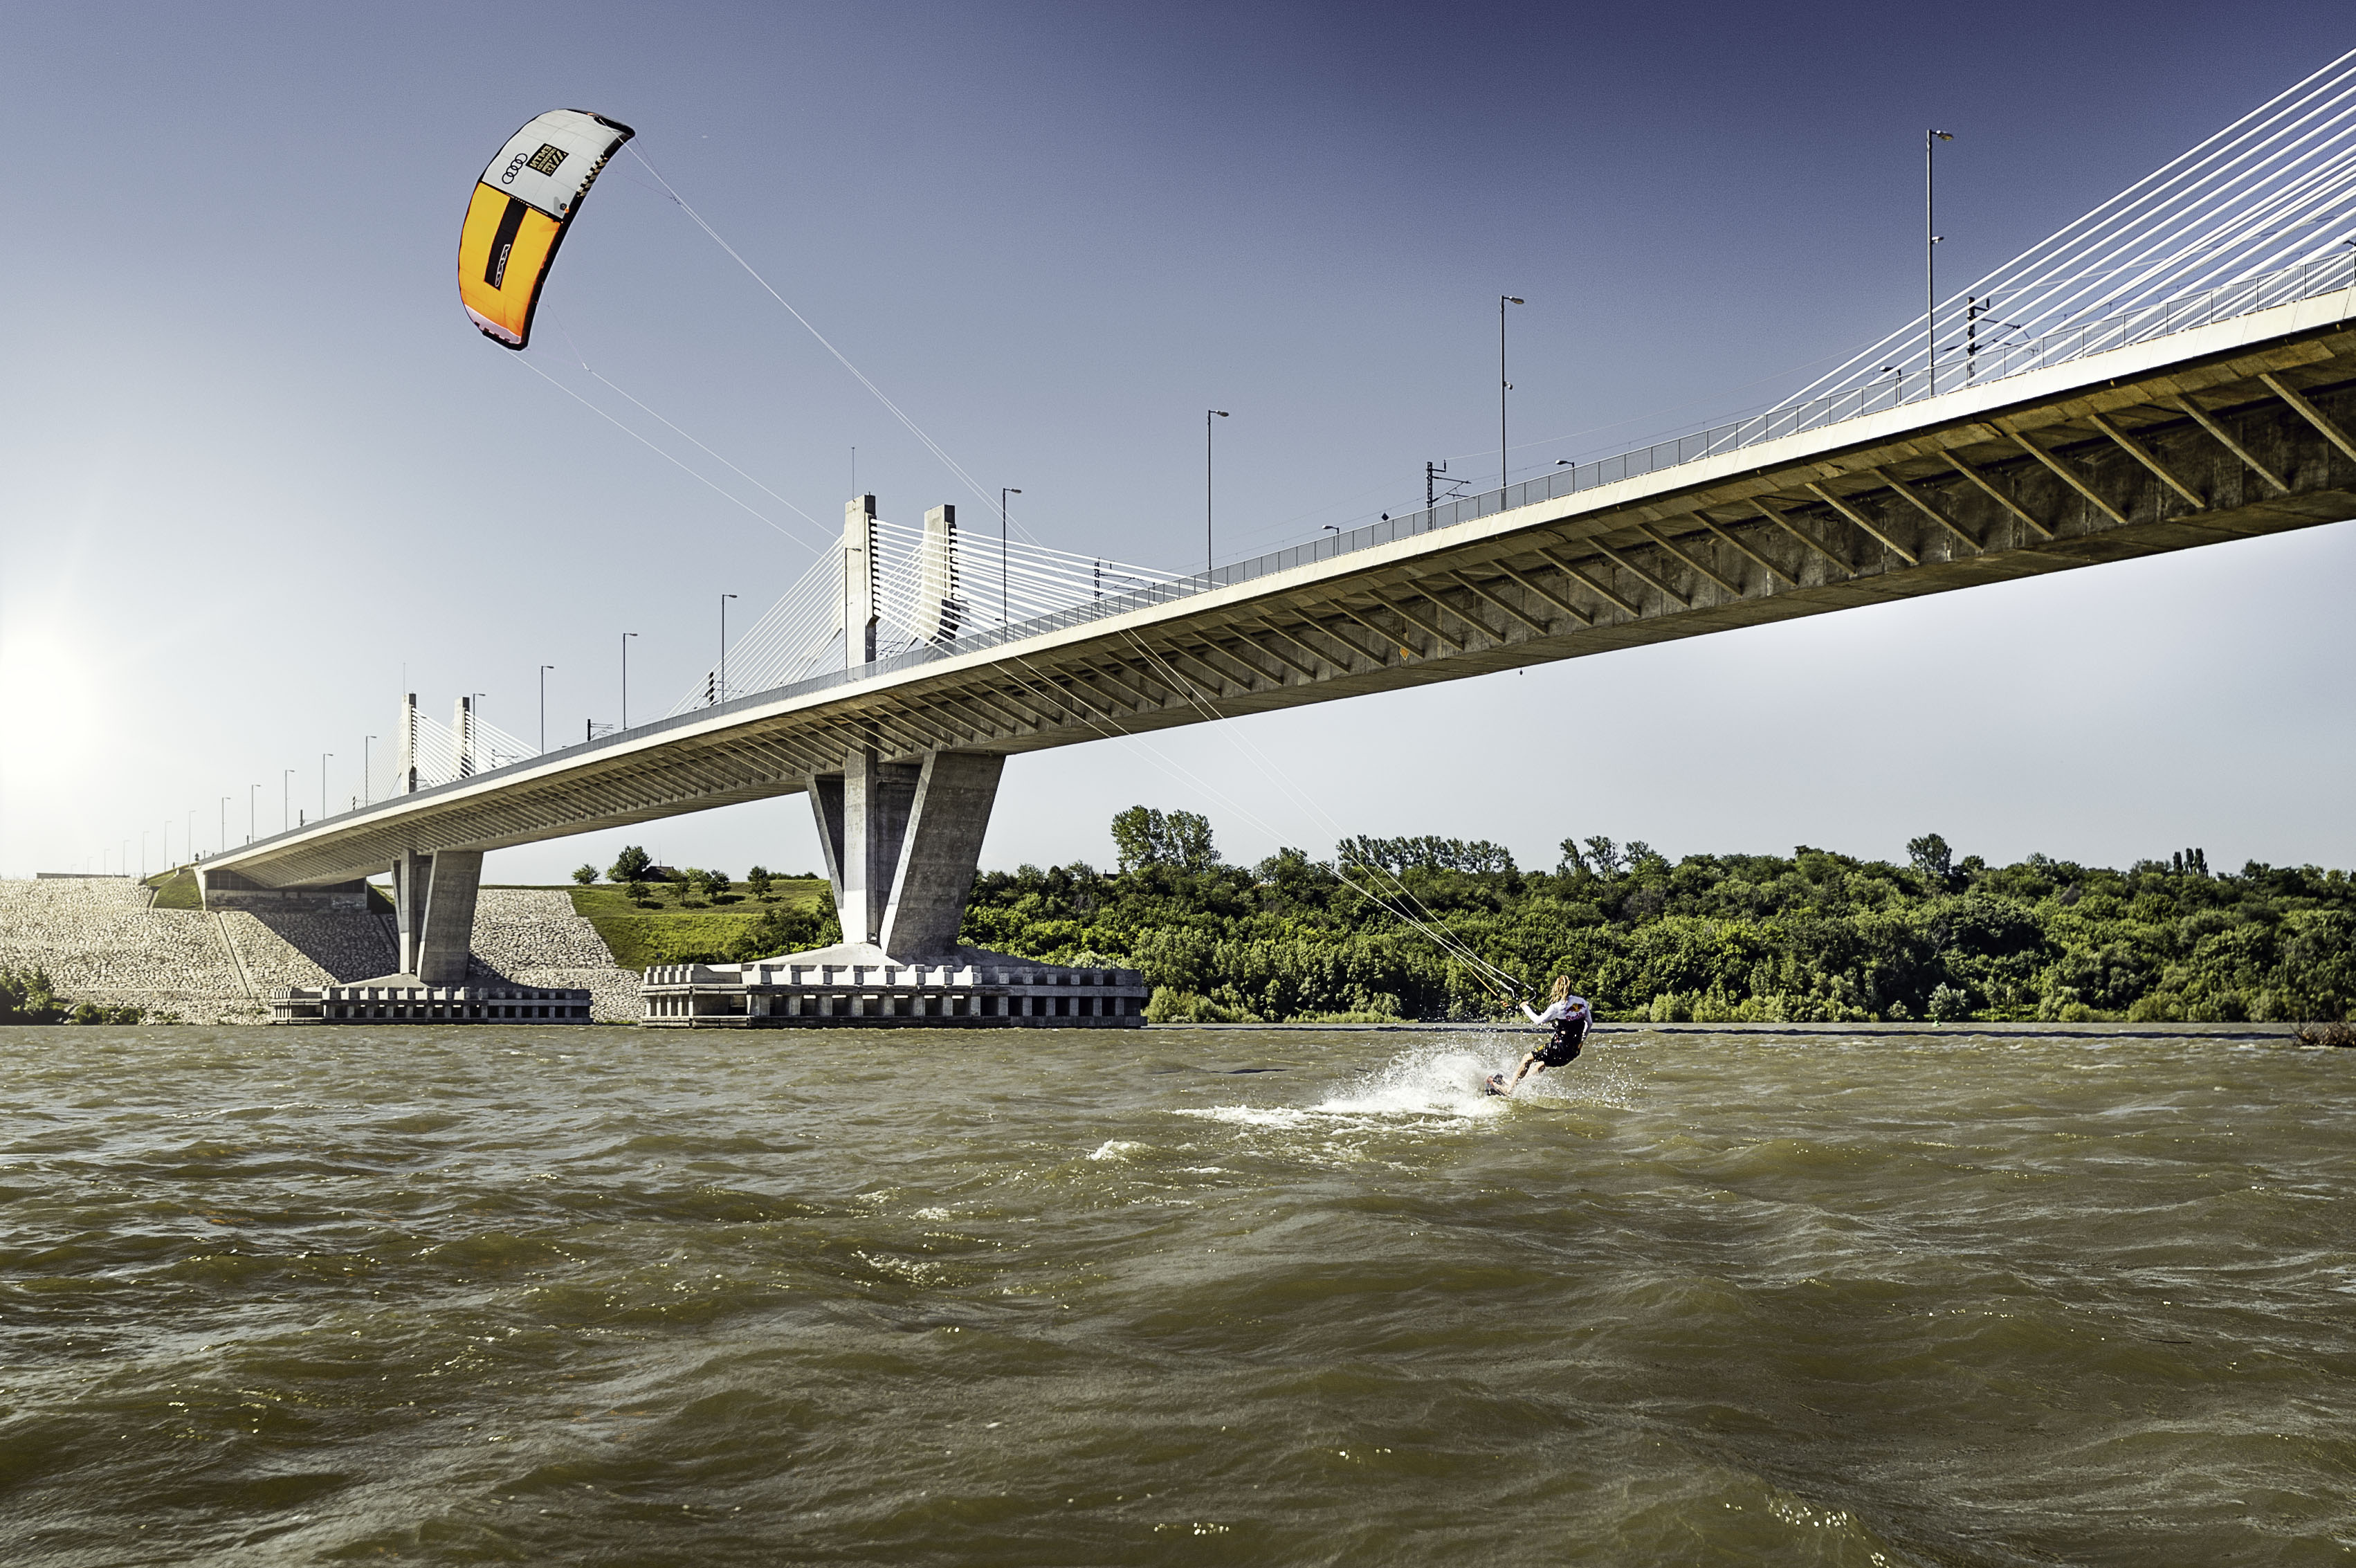 <p>С помощта на благоприятните условия в реката и правилната посока на вятъра, Коки измина 322 км по река Дунав за 11,5 часа.</p>